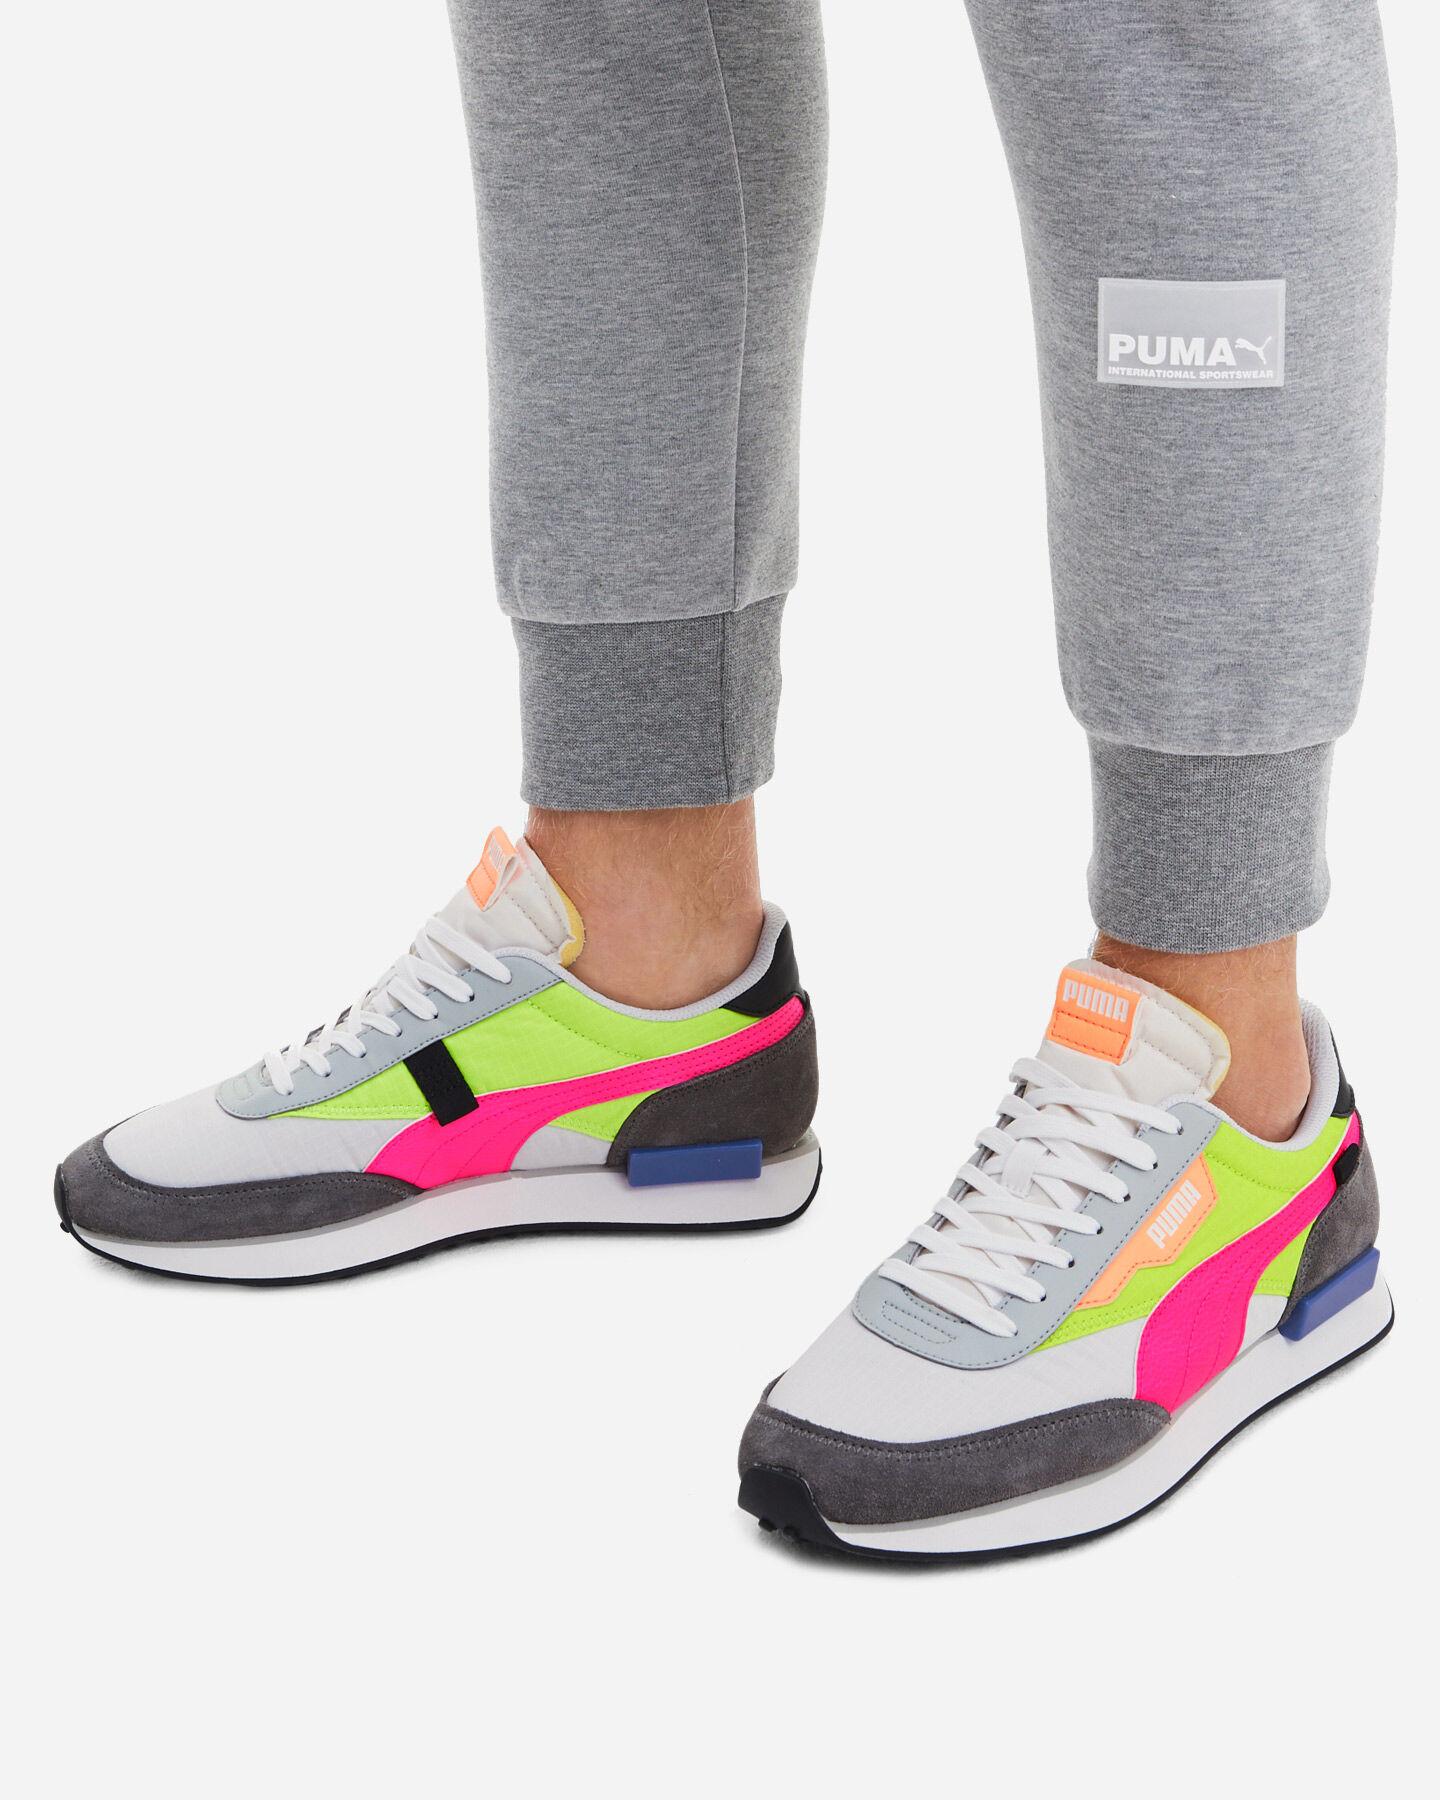 Scarpe sneakers PUMA FUTURE RIDER PLAY ON W S5188685 scatto 5